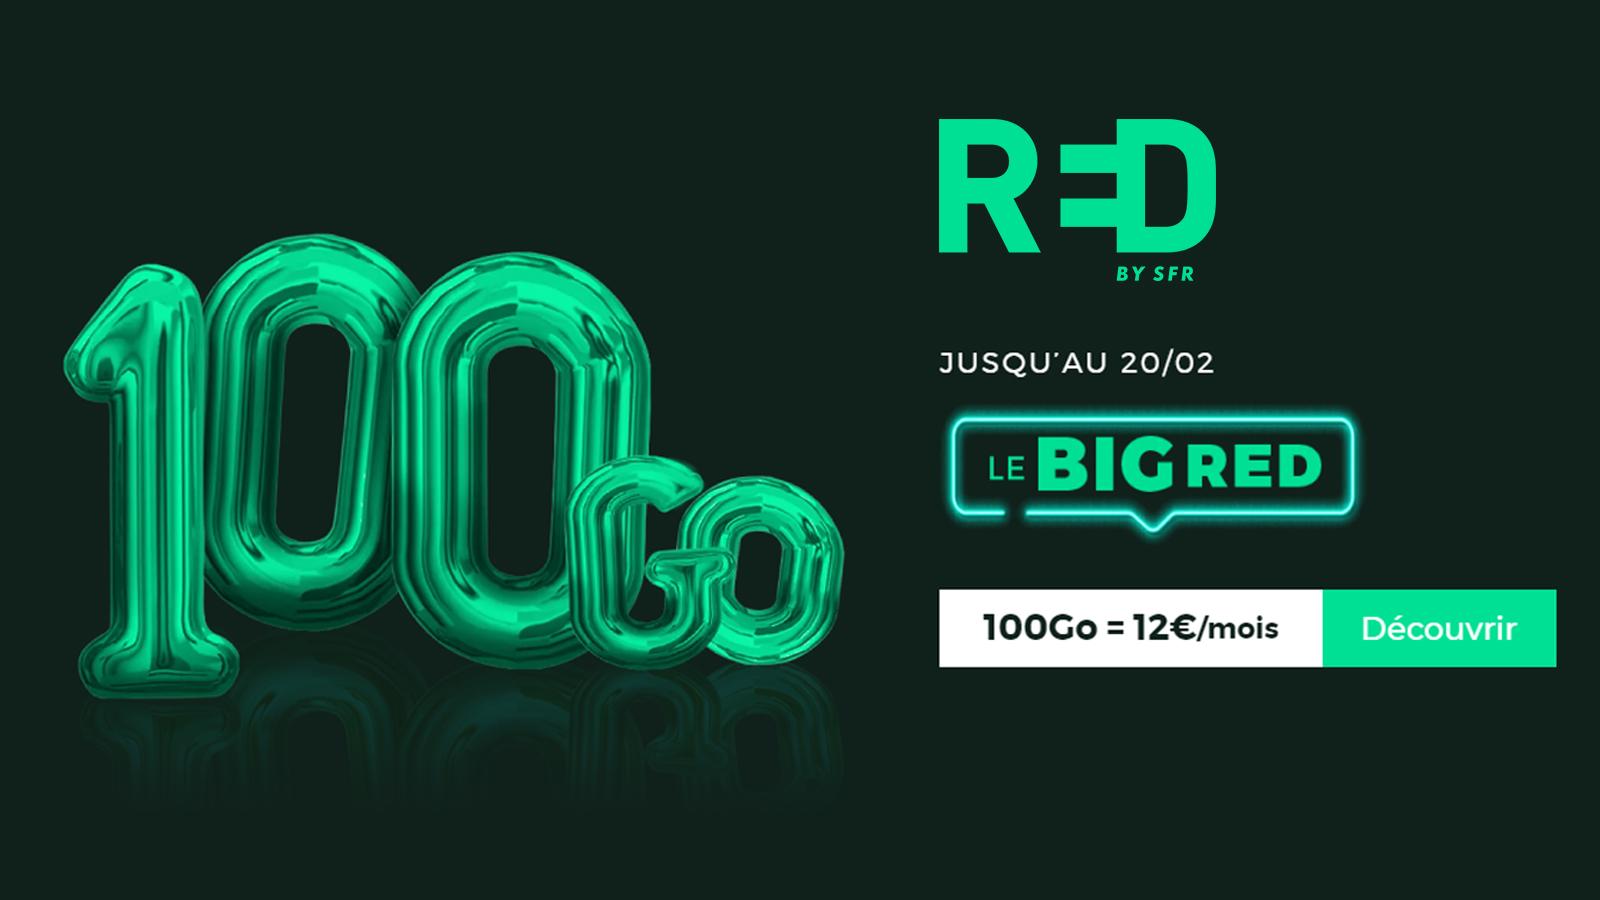 🔥 Dernière chance pour bénéficier du forfait mobile RED by SFR 100 Go à 12€ !